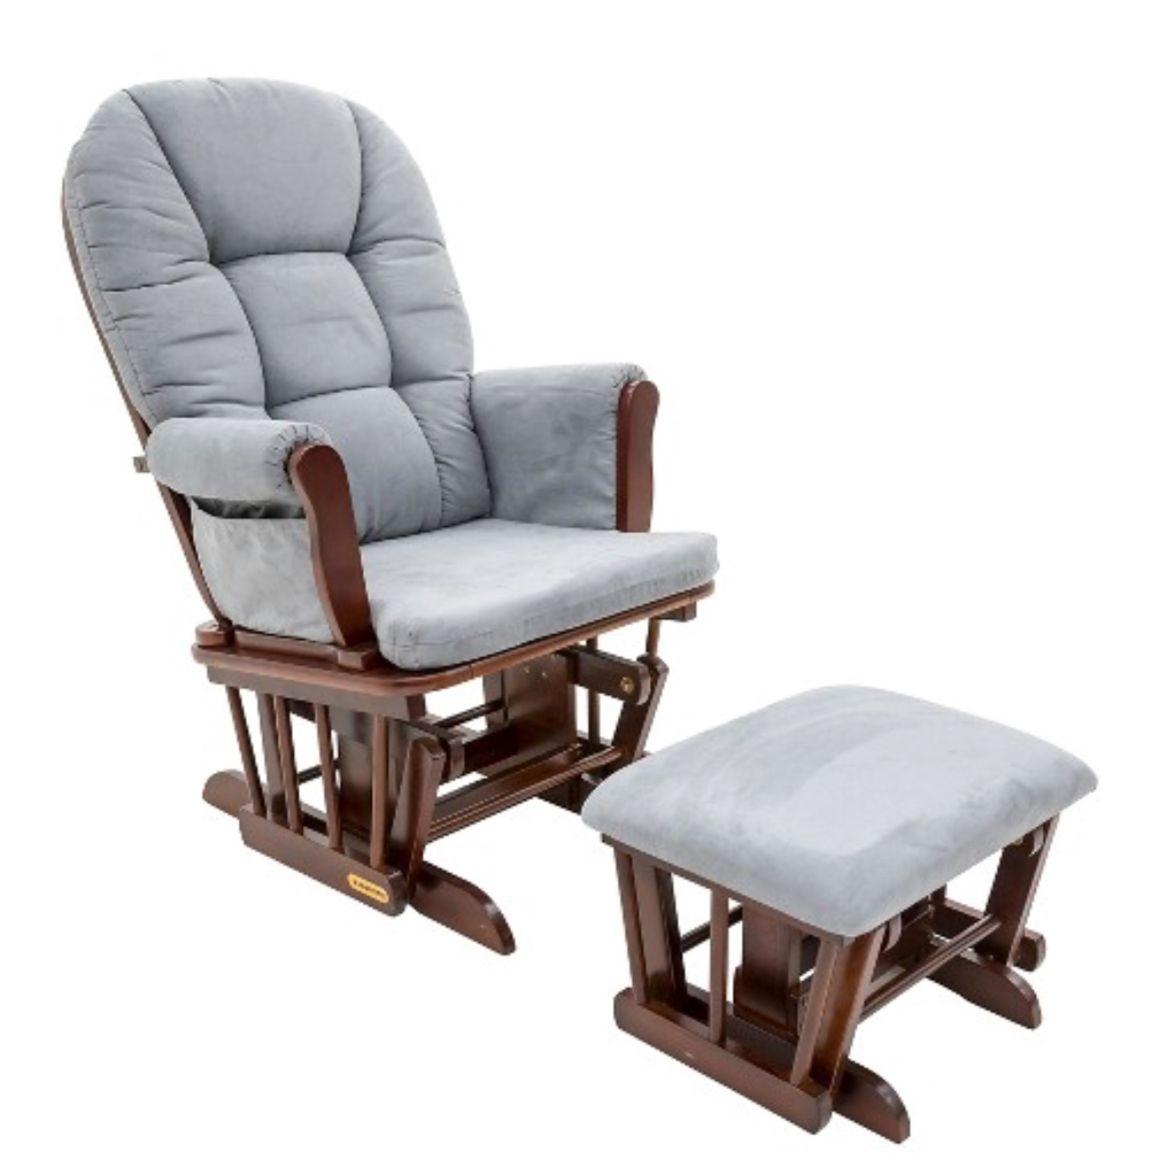 Cushions furniture chair